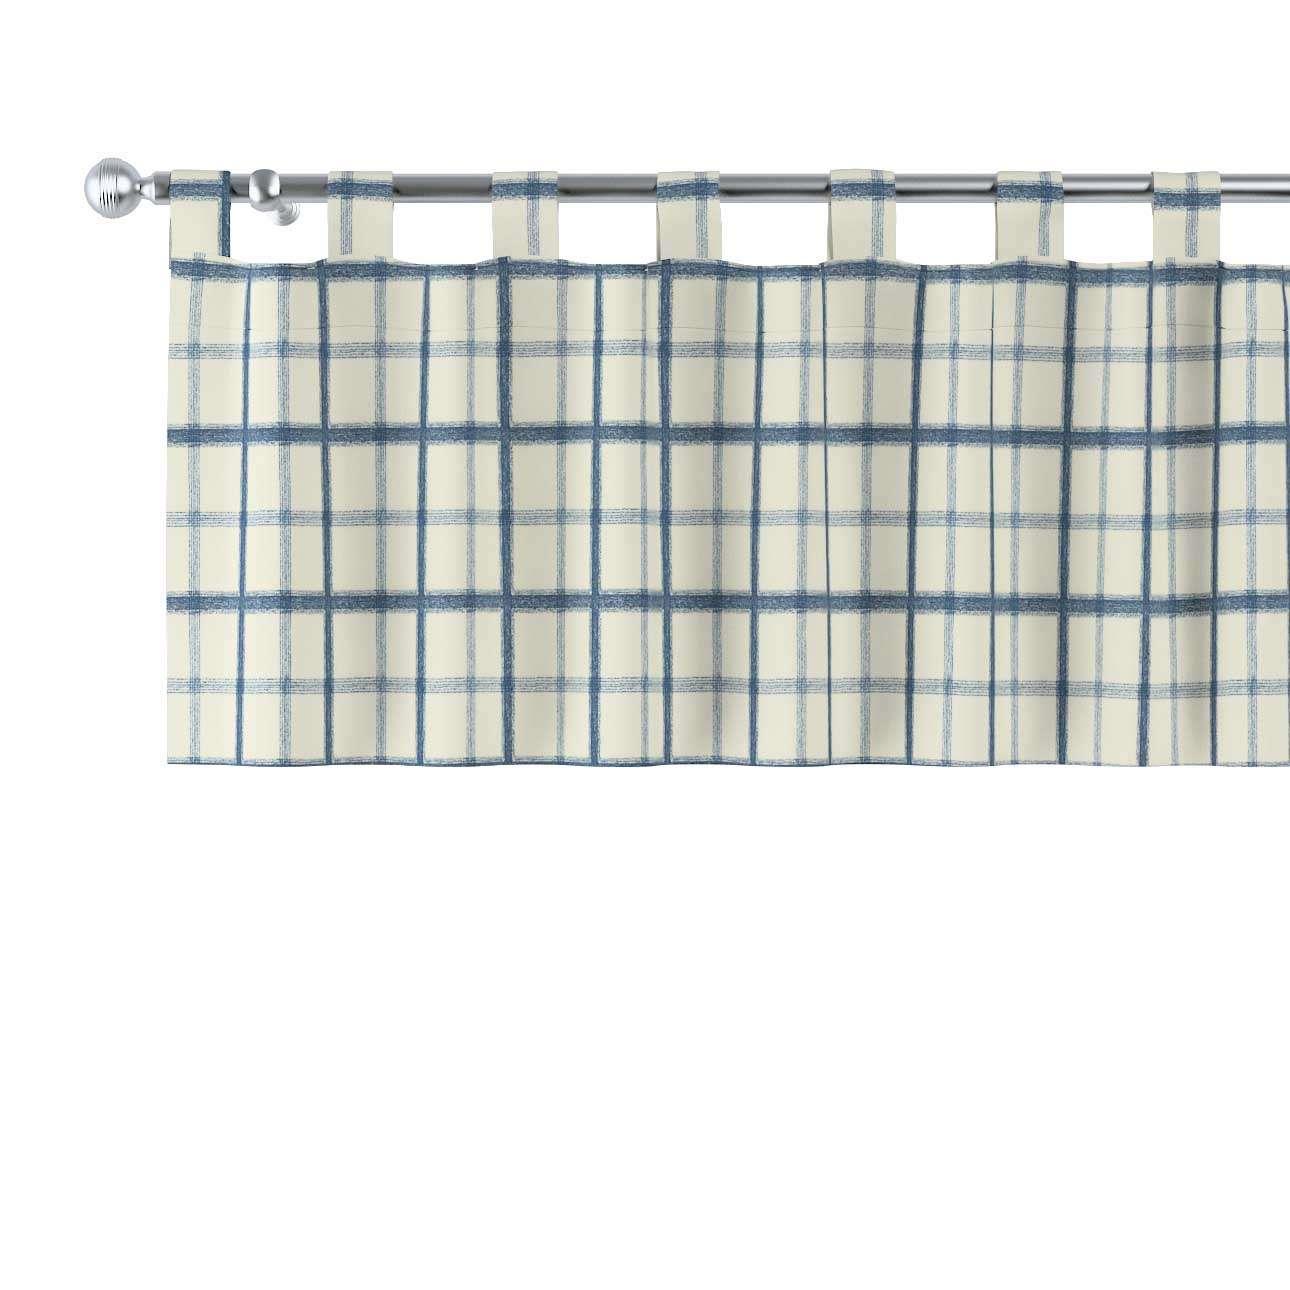 Kurzgardine mit Schlaufen 130x40cm von der Kollektion Avinon, Stoff: 131-66